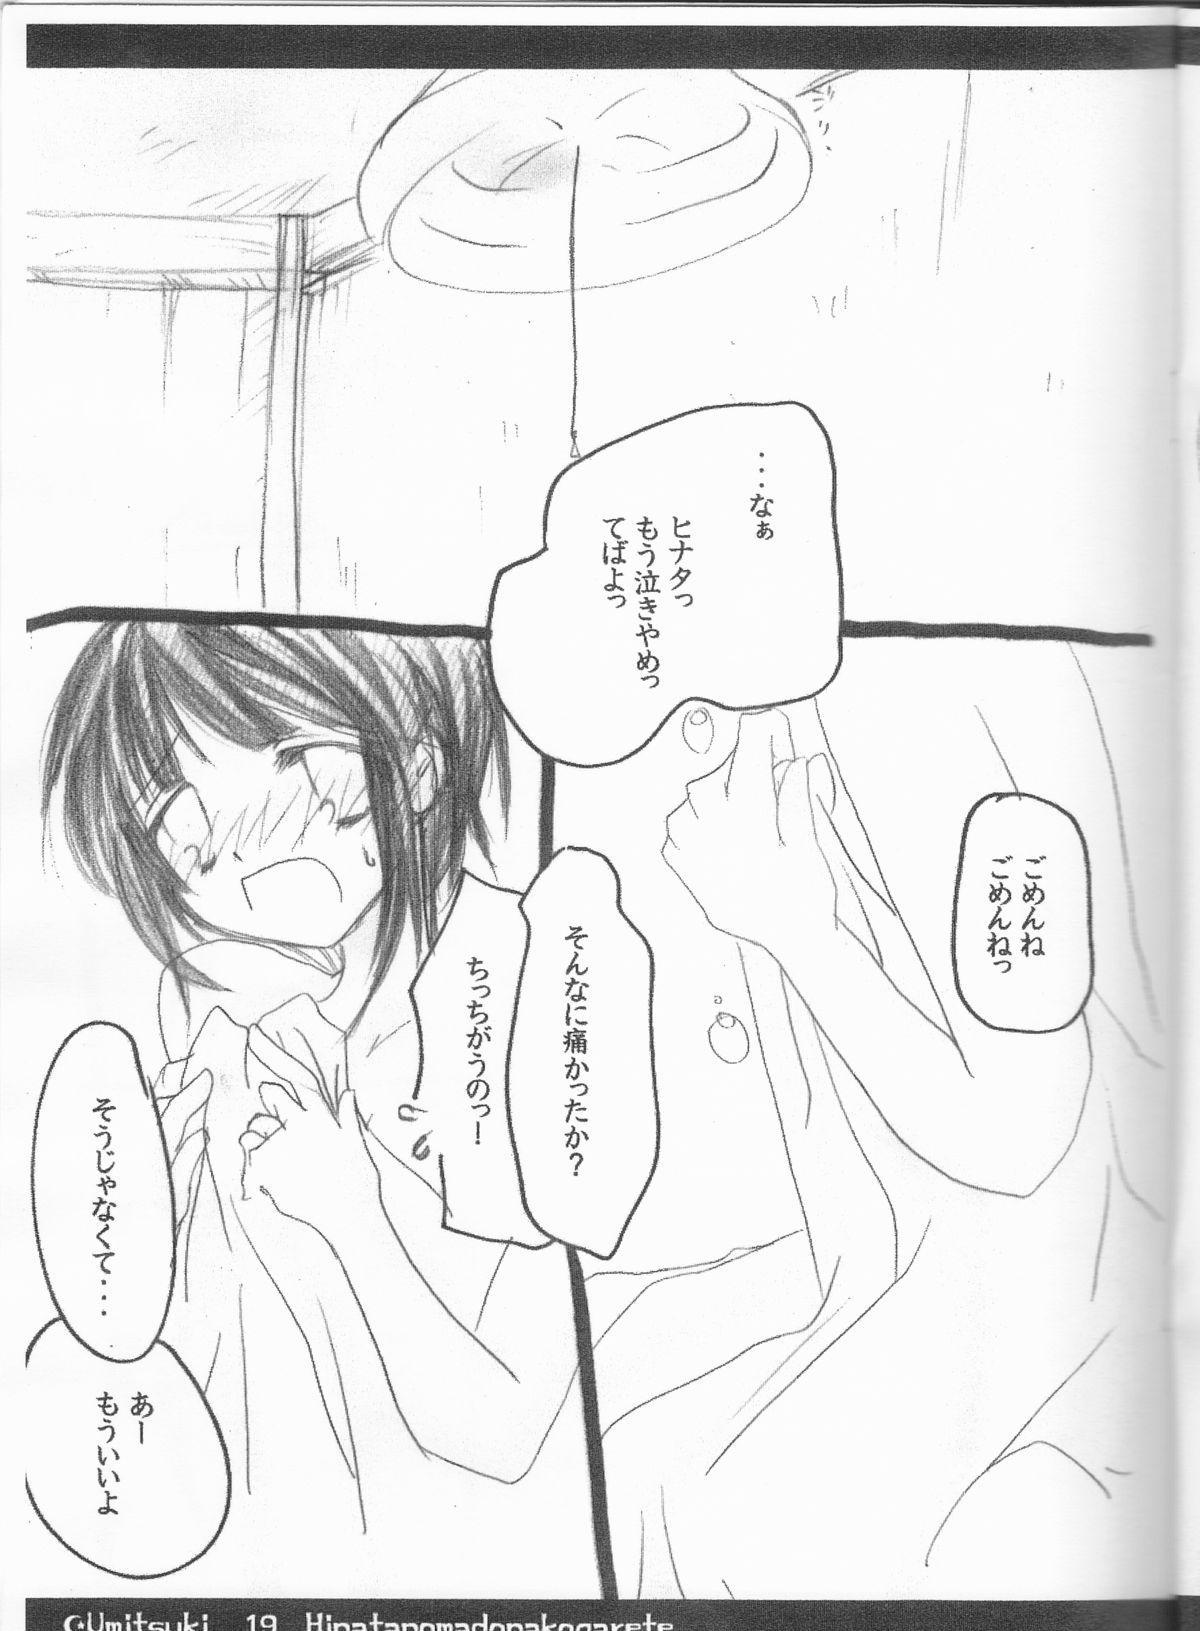 Hinata no Mado ni Akogarete 19